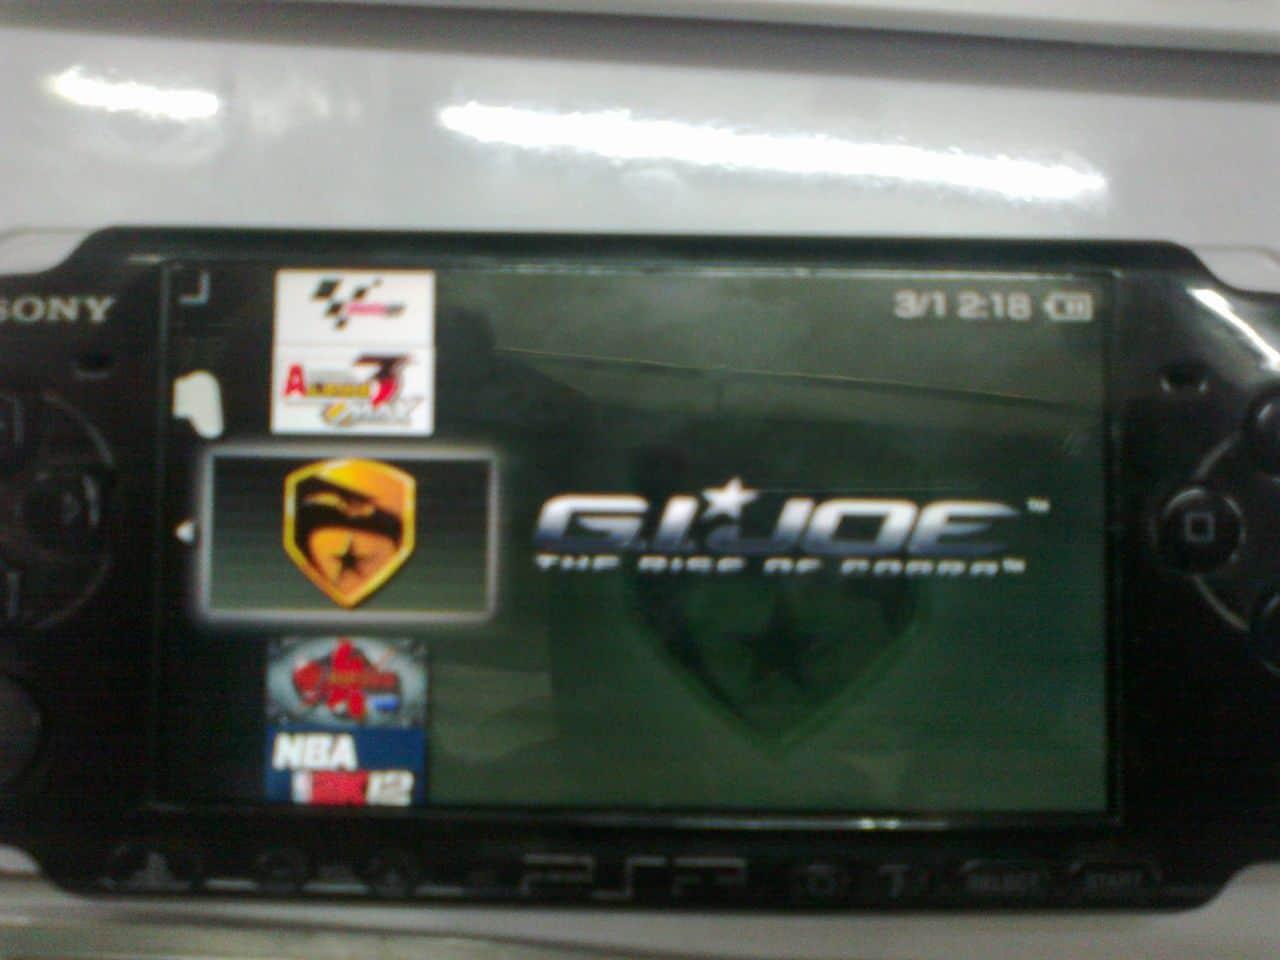 PSP slim model 3000 modify done 100220101257